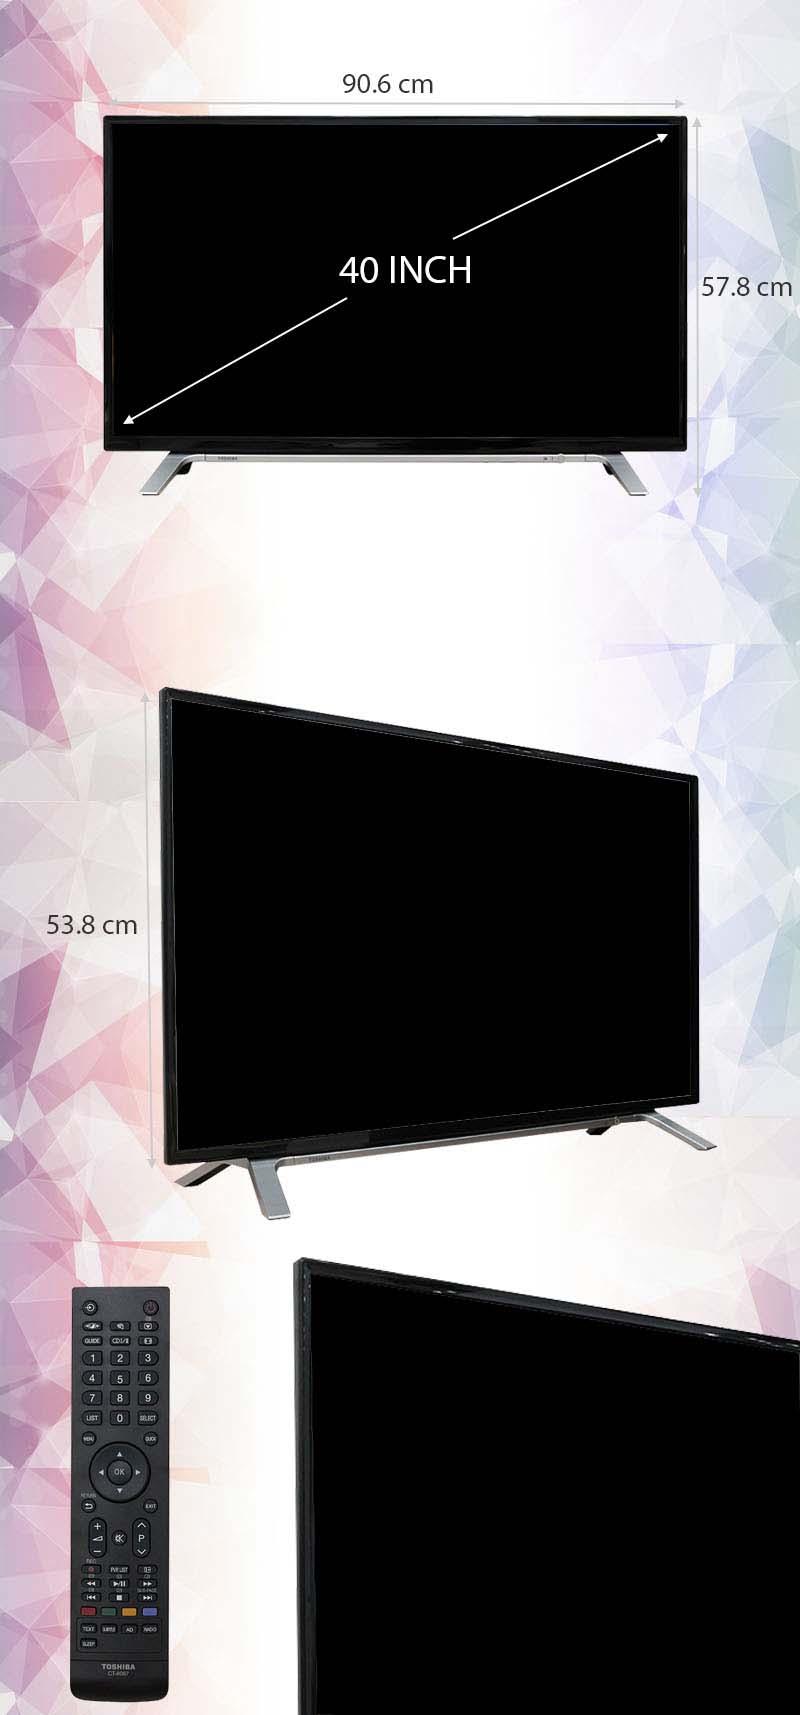 Tivi Toshiba 40 inch 40L3650 - Kích thước tivi